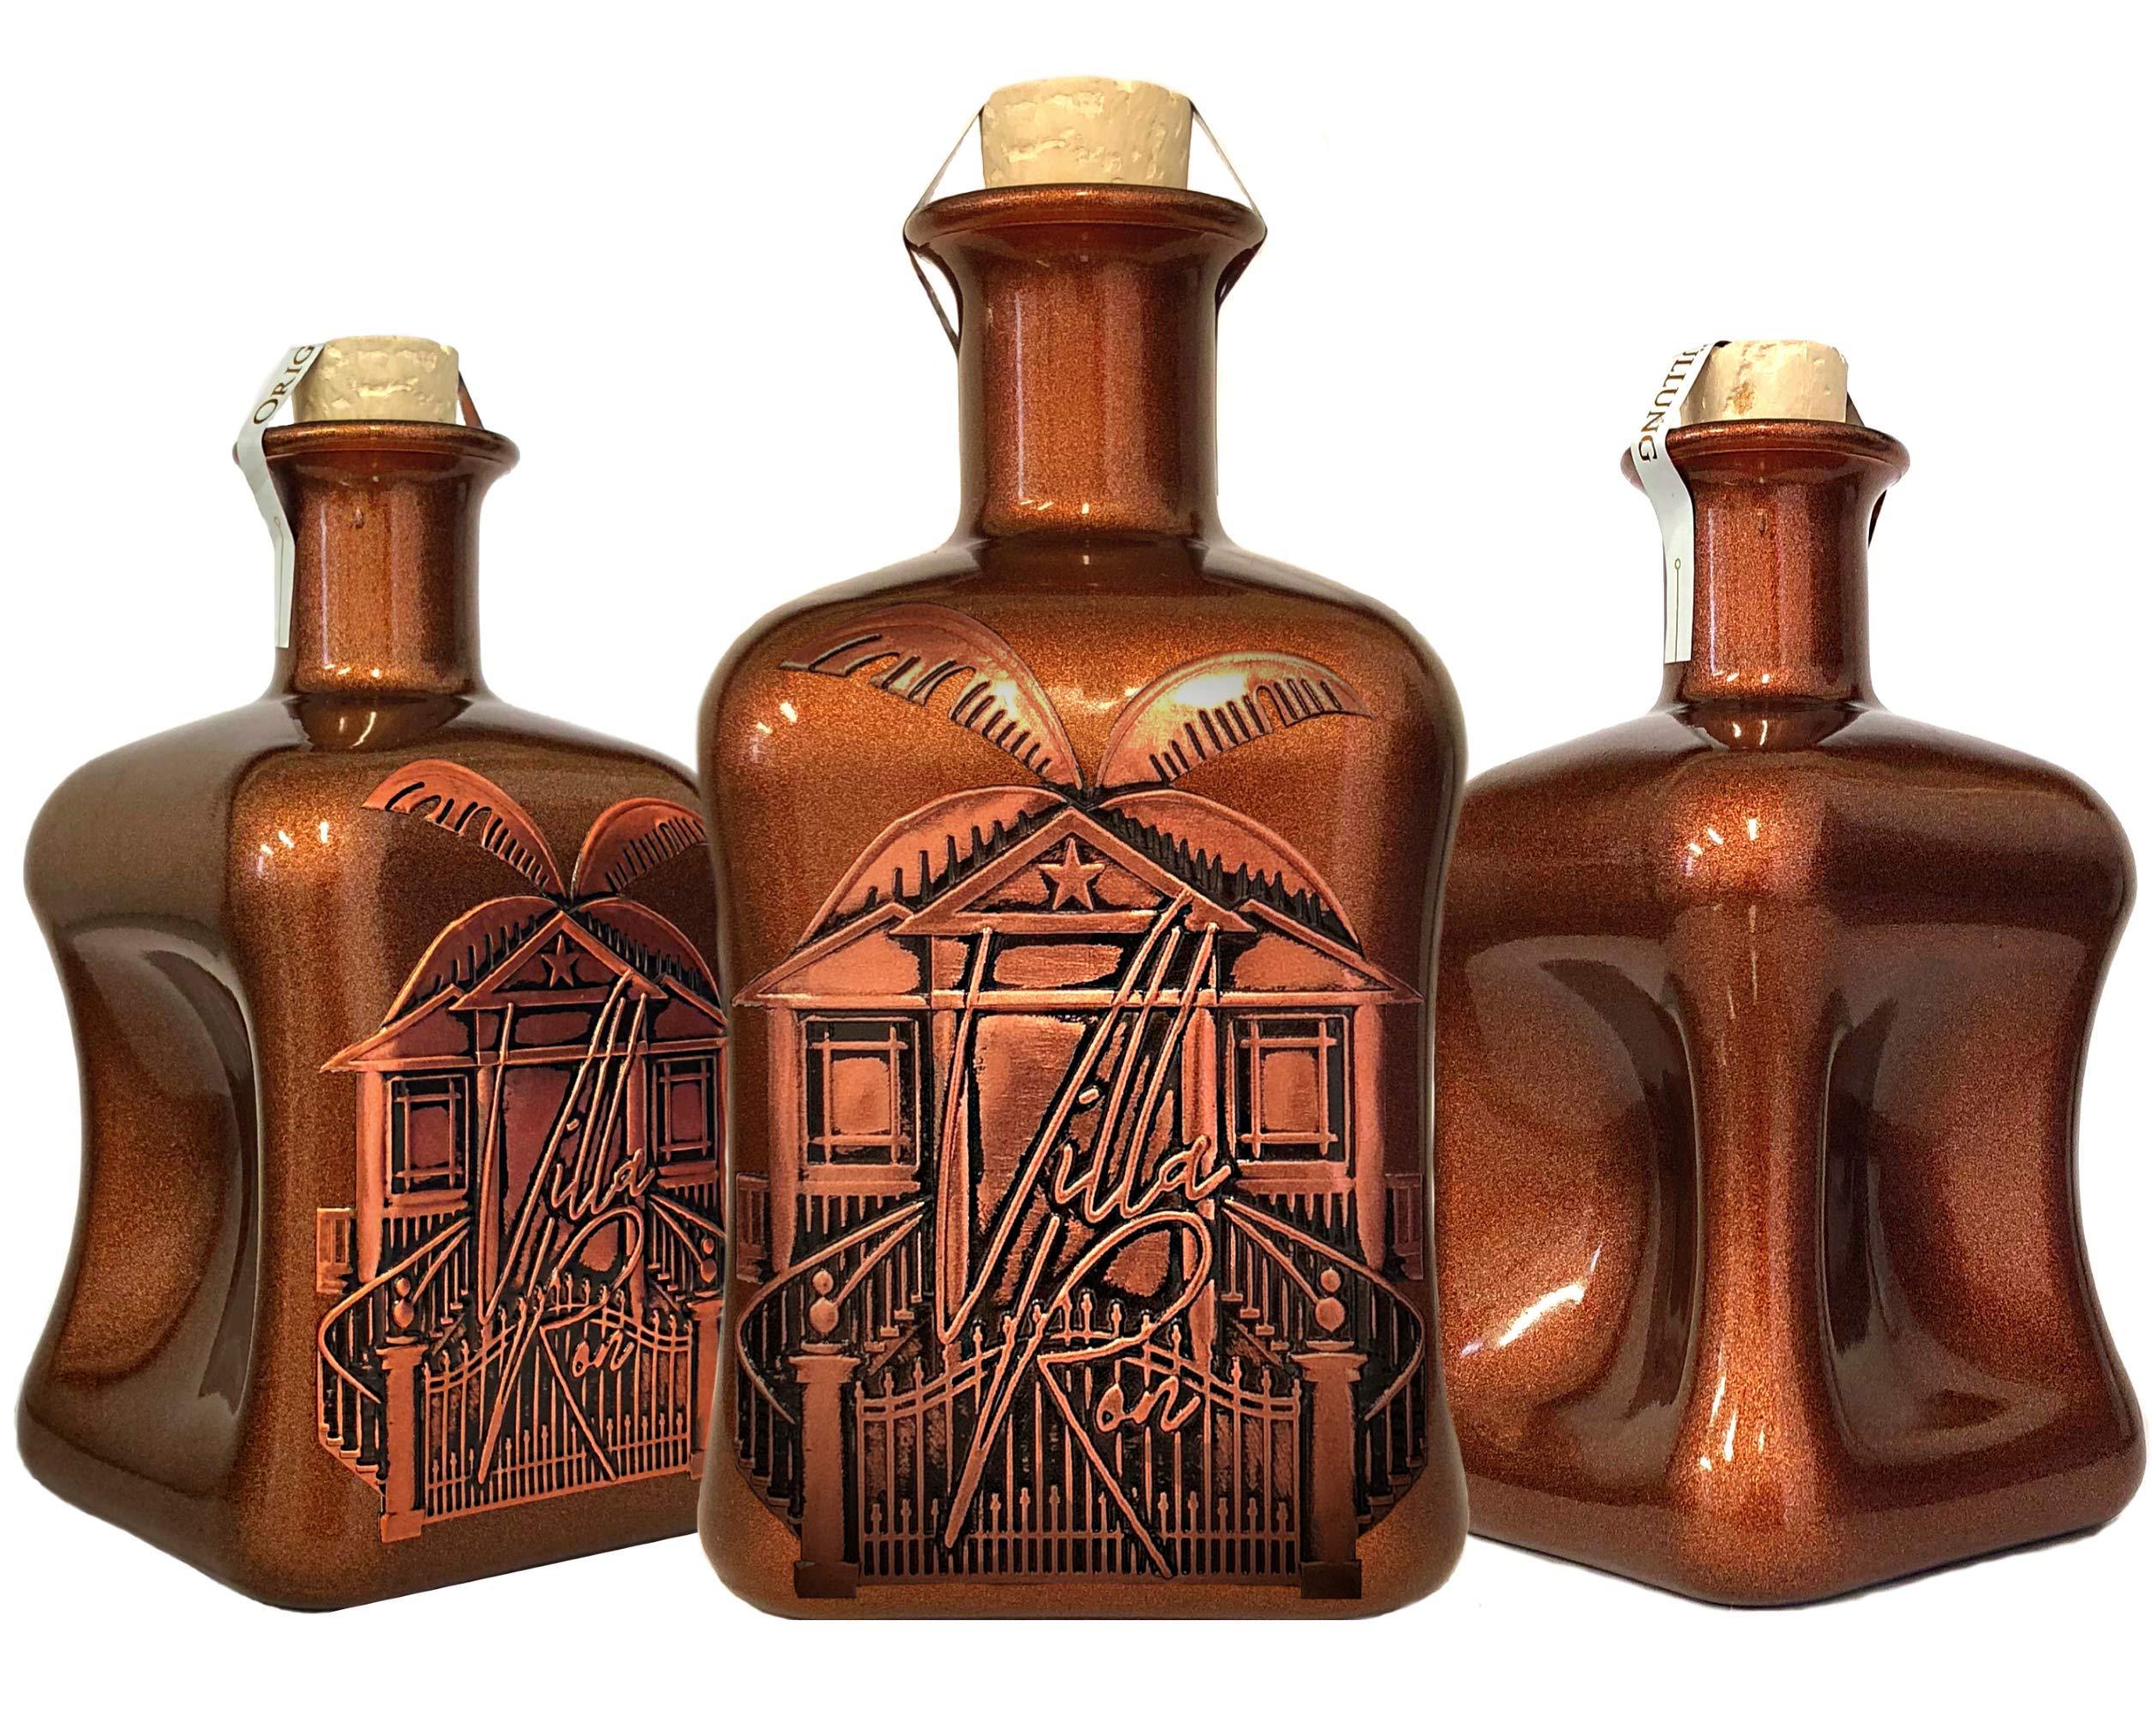 Villa-Ron-Luxus-Spiced-Rum-Spirituose-aus-der-Karibik-Barbados-limitiert-auf-1250-Flaschen-aus-kleiner-Edelmanufaktur-in-kupfer-3D-Geschenk-TOP-Qualitt